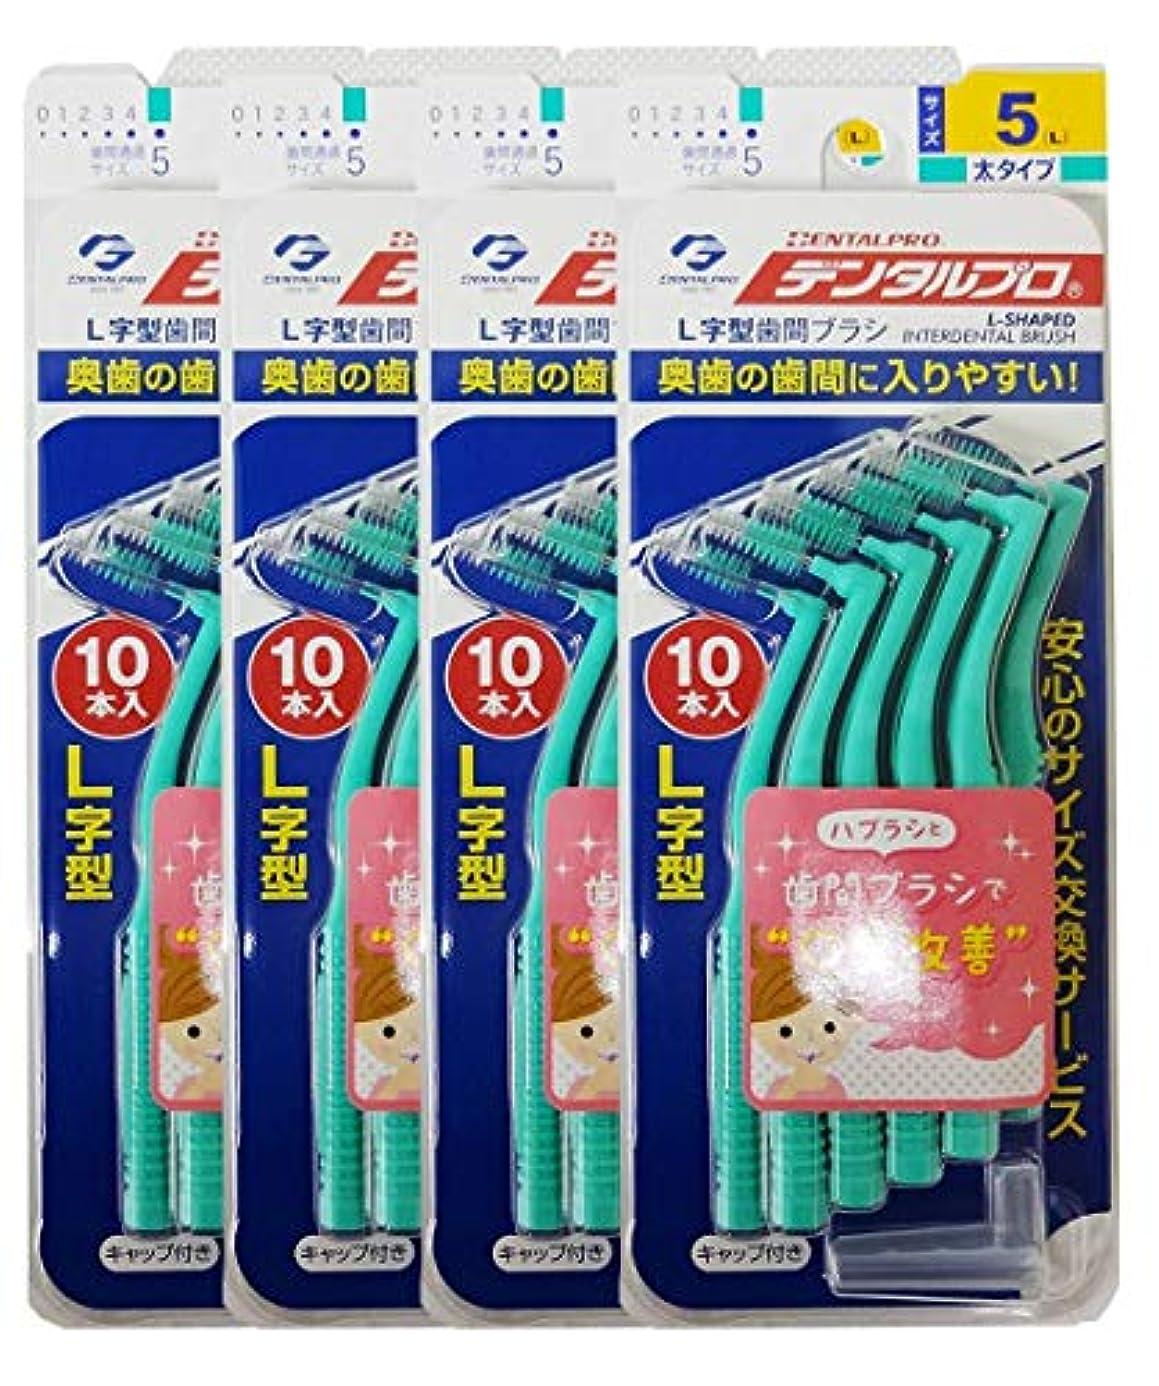 新鮮な敬なもつれデンタルプロ 歯間ブラシ L字型 サイズ5(L) 10本入り × 4個セット